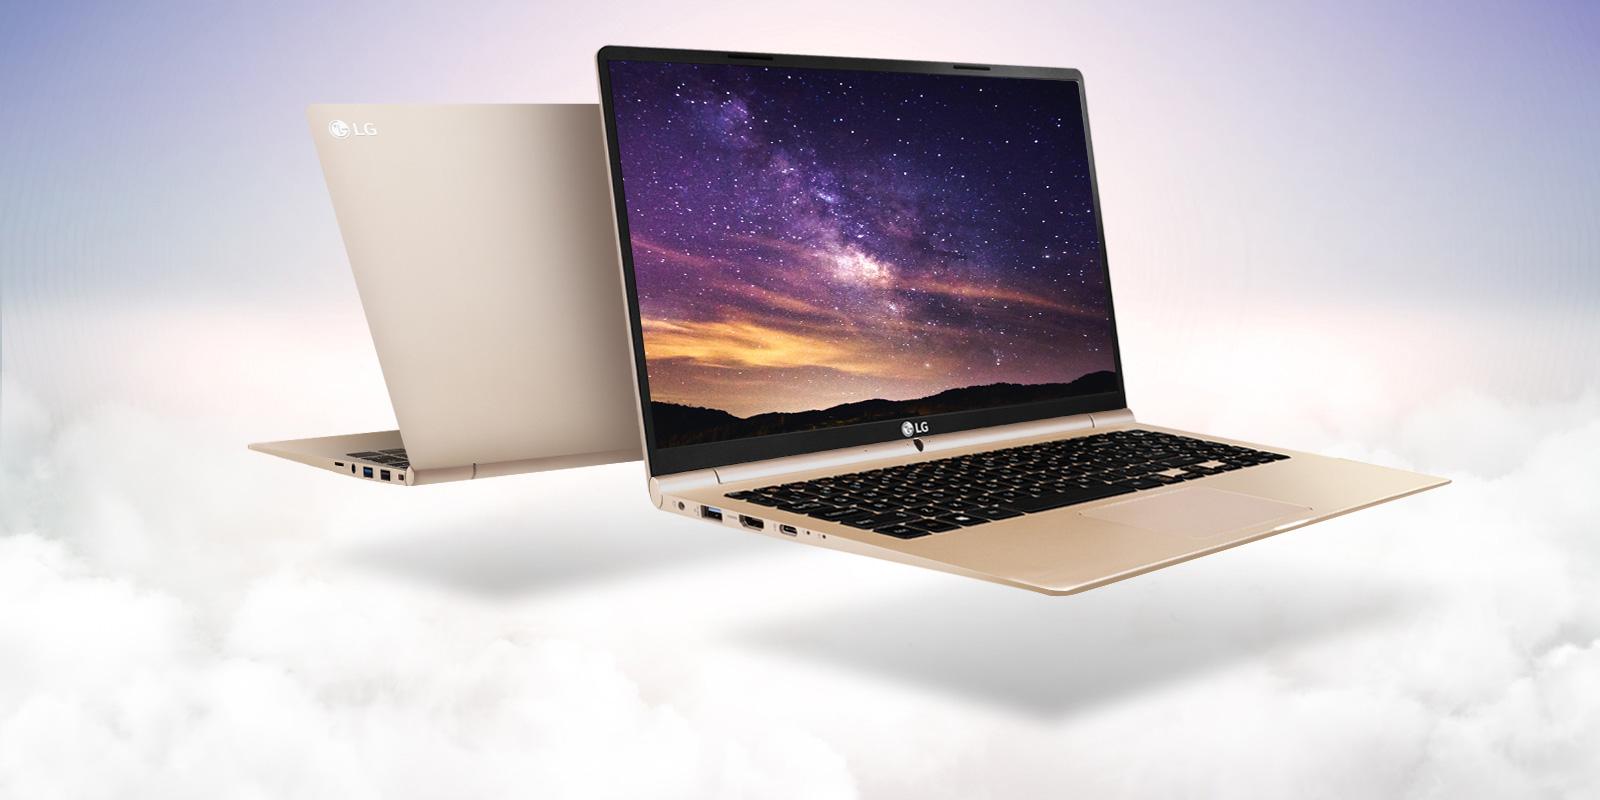 Thu mua laptop cũ lg tại hà nội